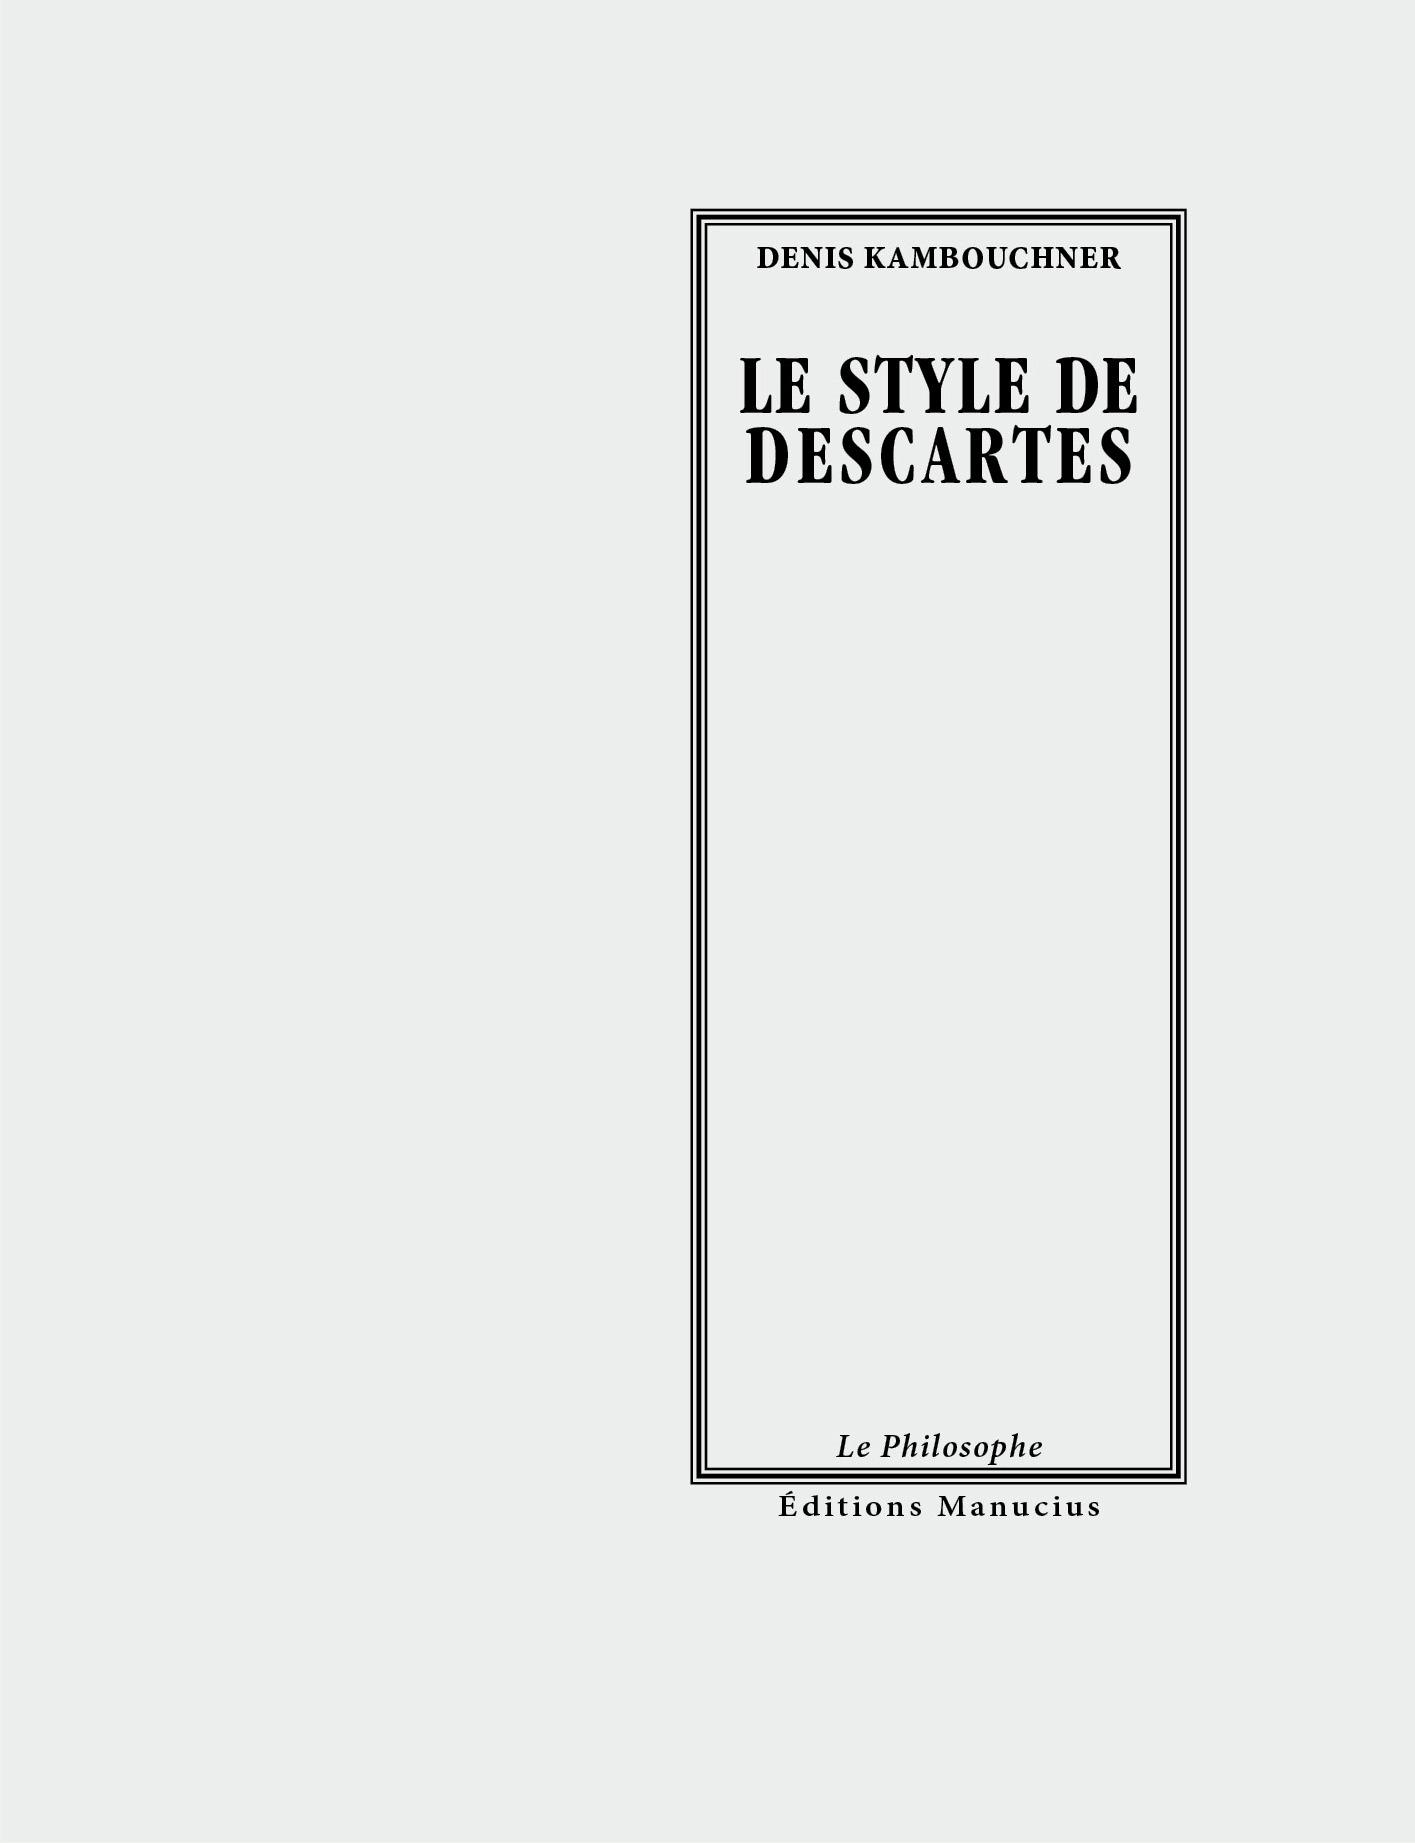 kambouchner_le_style_de_descartes.jpg